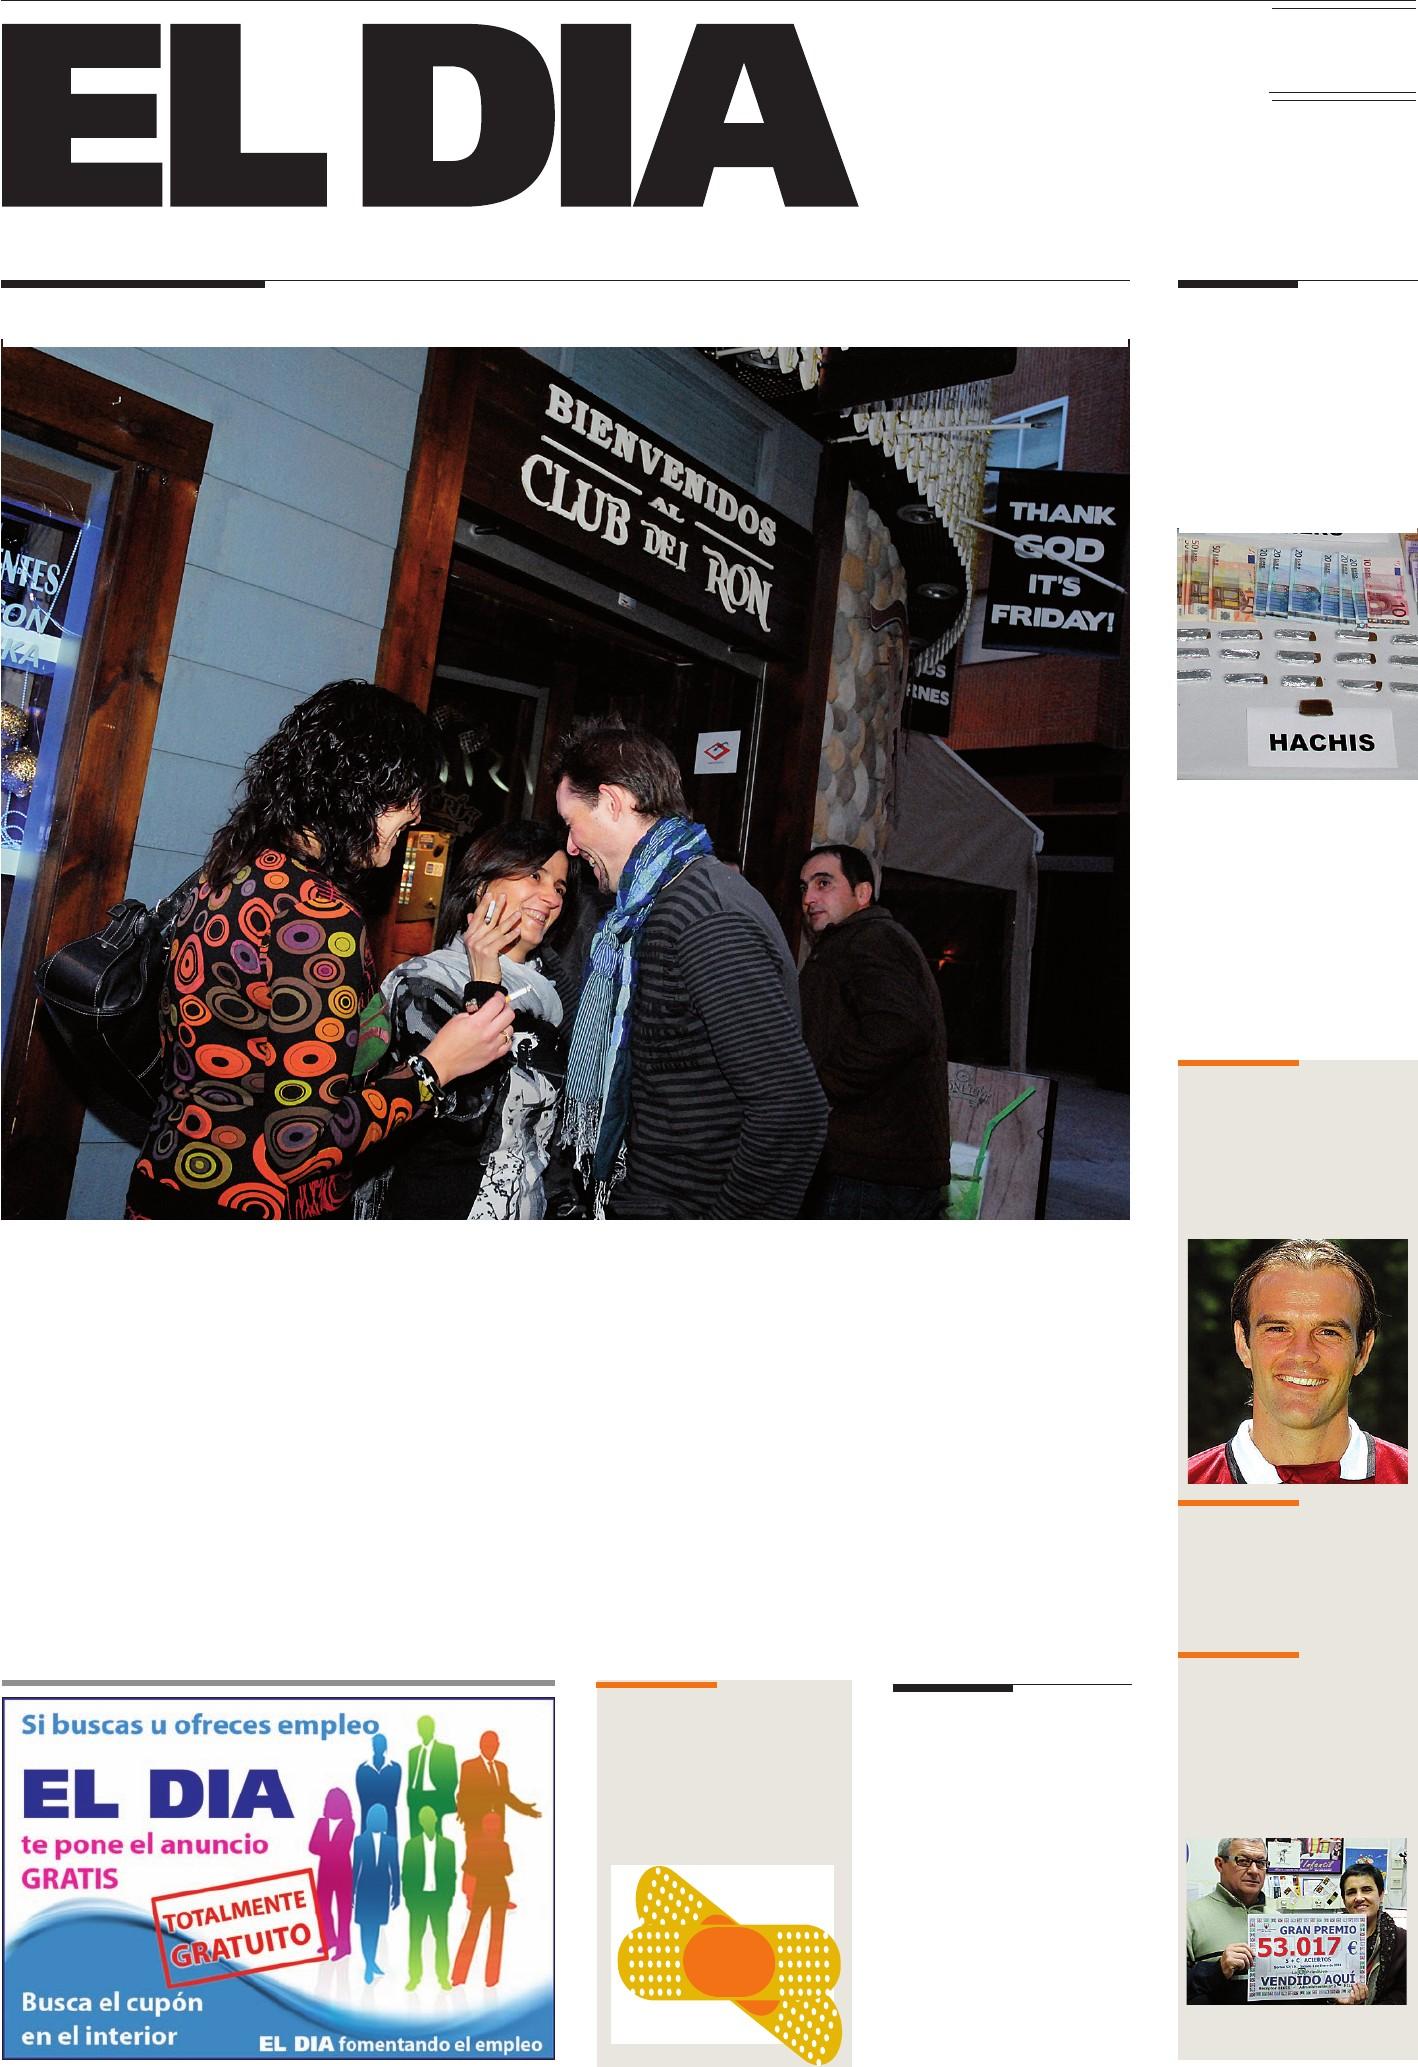 Calendario 2020 Con Festivos Para Colombia Más Caliente Albacete [pdf Document] Of Calendario 2020 Con Festivos Para Colombia Más Actual El Nuevo Peri³dico 403 by El Nuevo Periodico De Caguas issuu